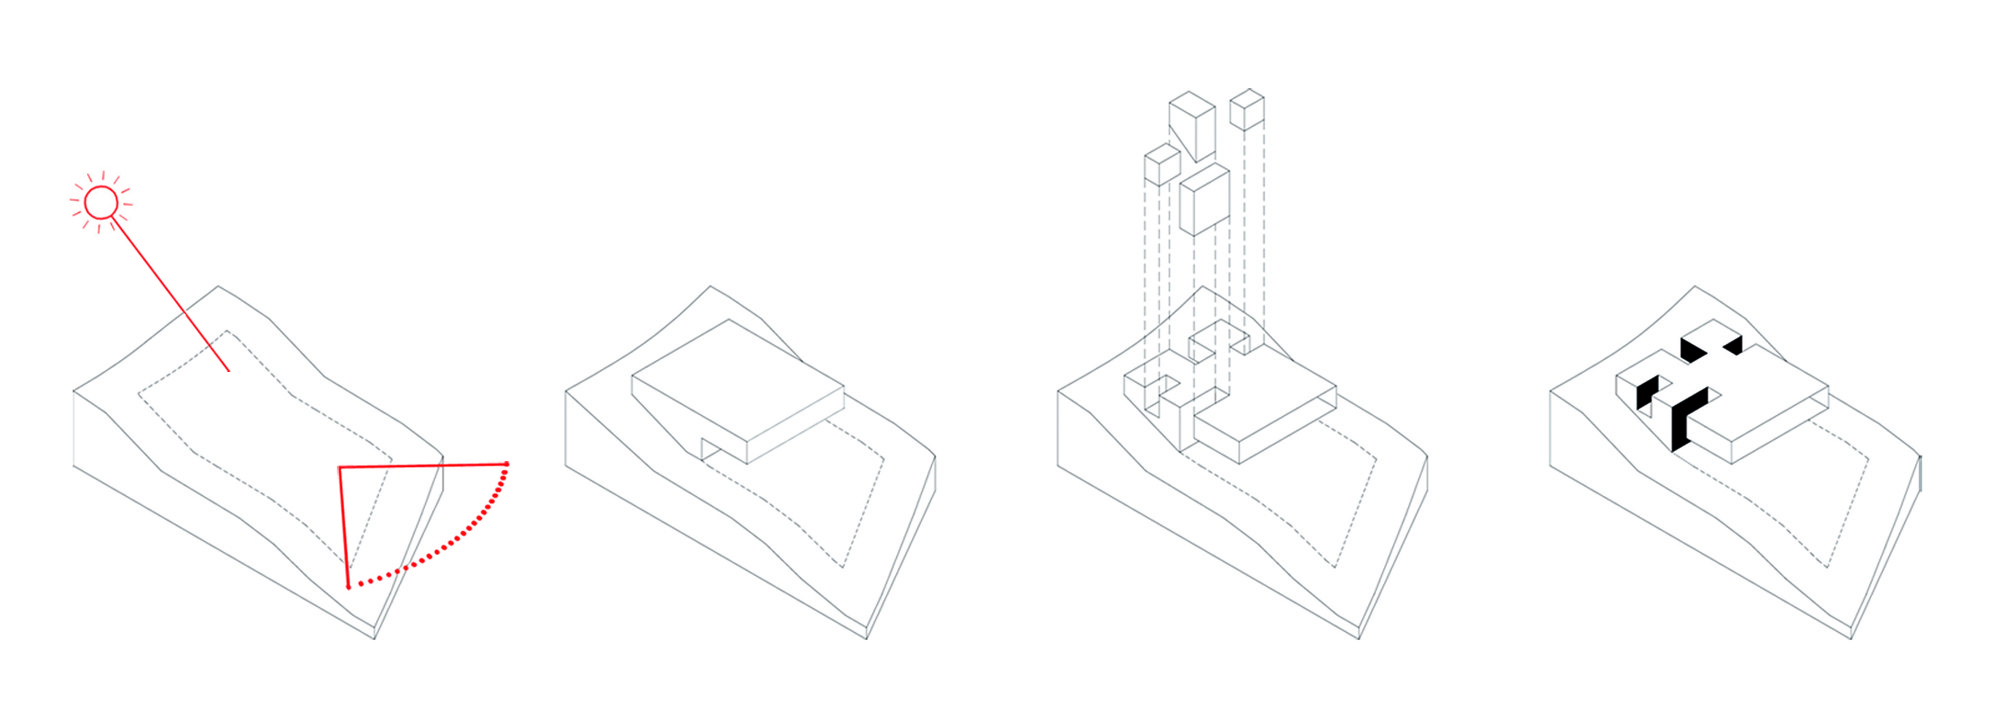 Galer a de casa cala d 39 or flexo arquitectura 12 - Flexo arquitectura ...